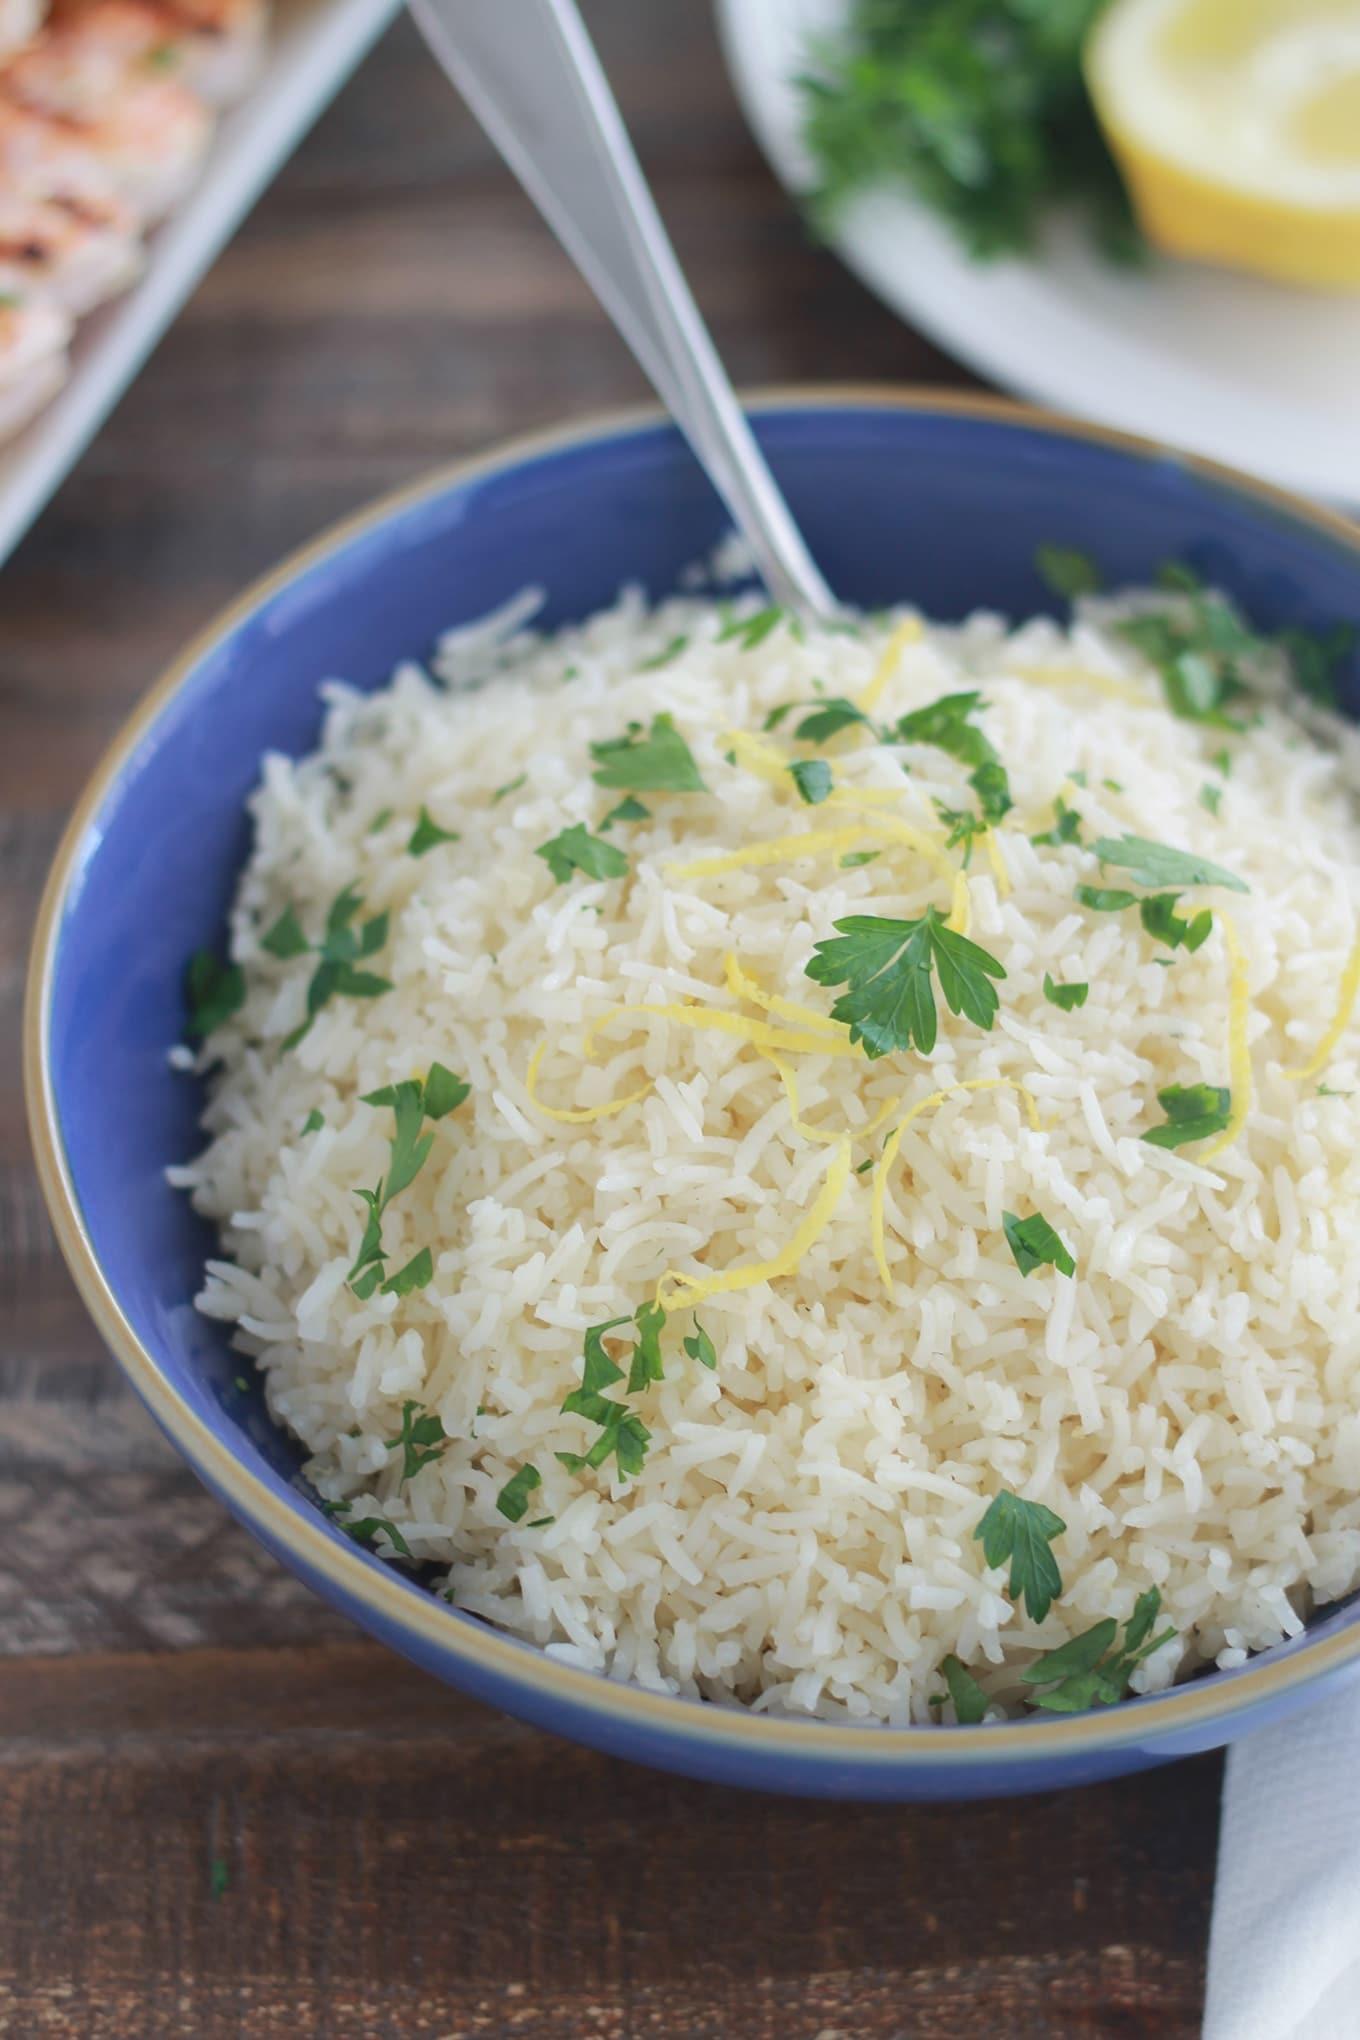 Ce riz au citron est agréablement parfumé. Excellent pour accompagner des brochettes de crevettes ou de poulet, du poisson et de la volaille en général.